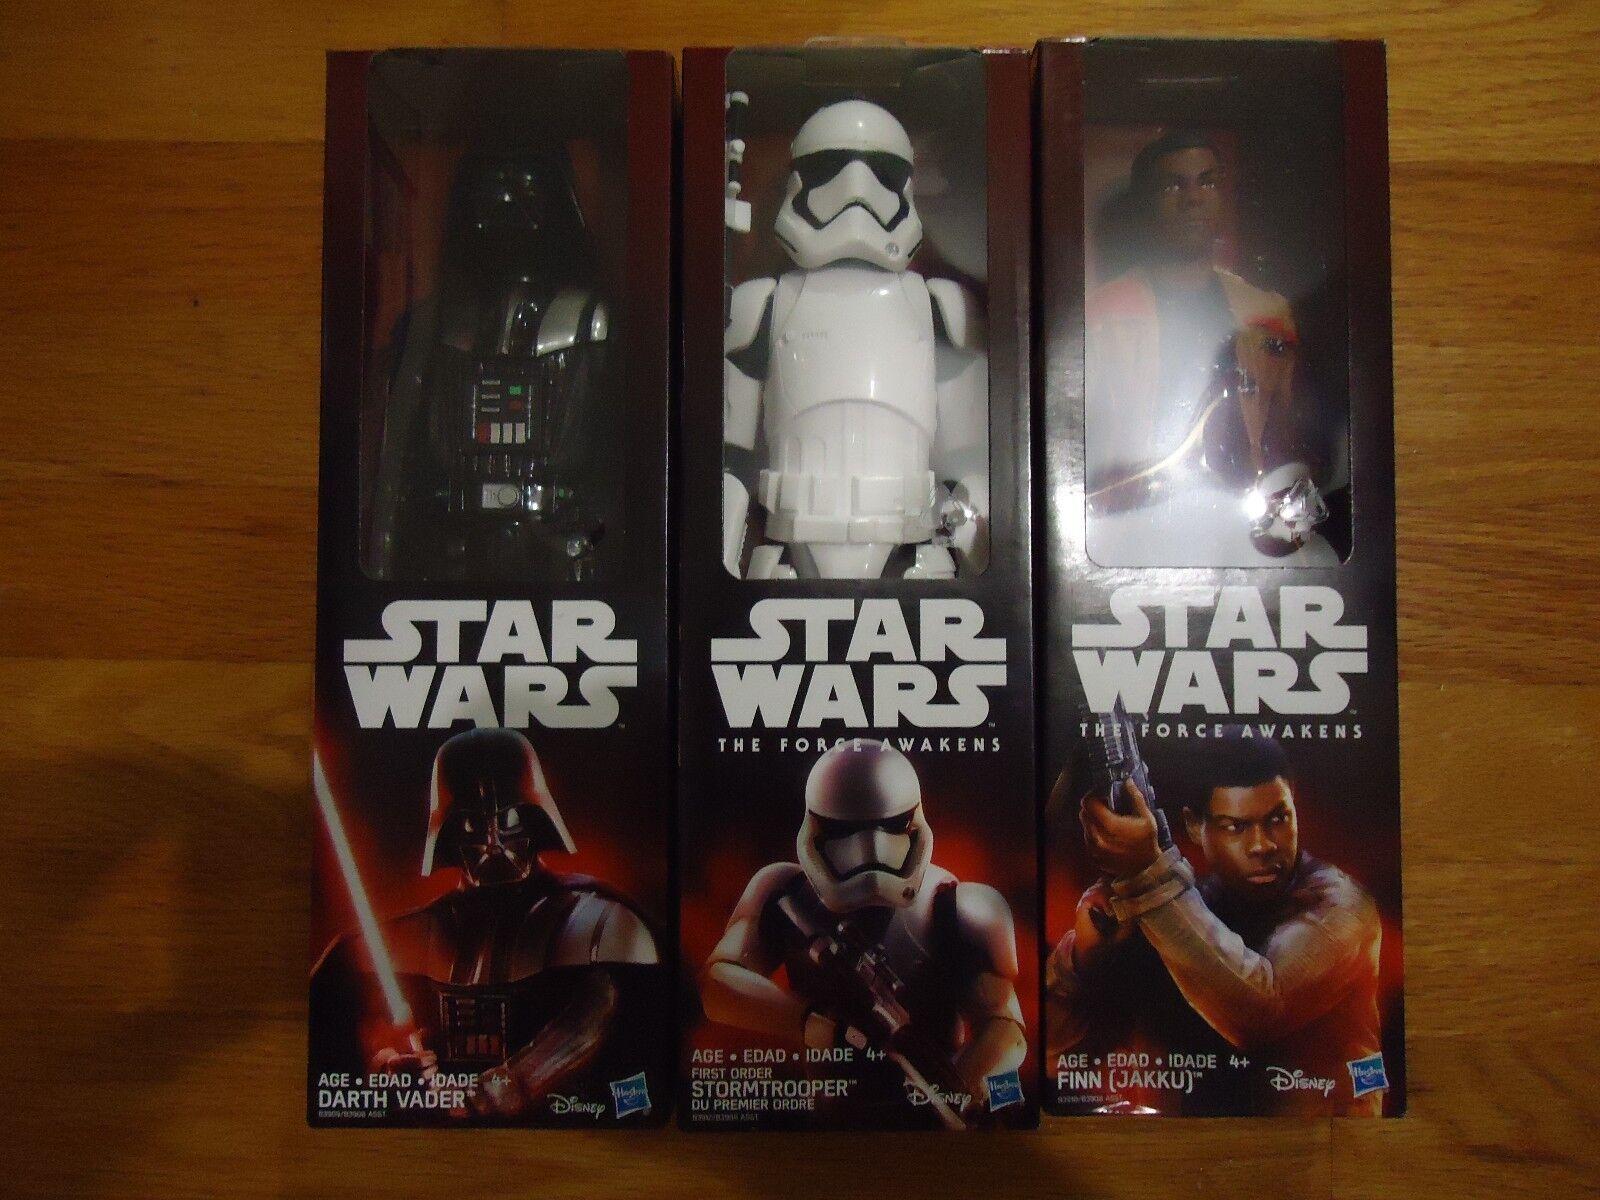 Star wars force weckt 12  ist, um strormtrooper, finn (jakku), darth vader